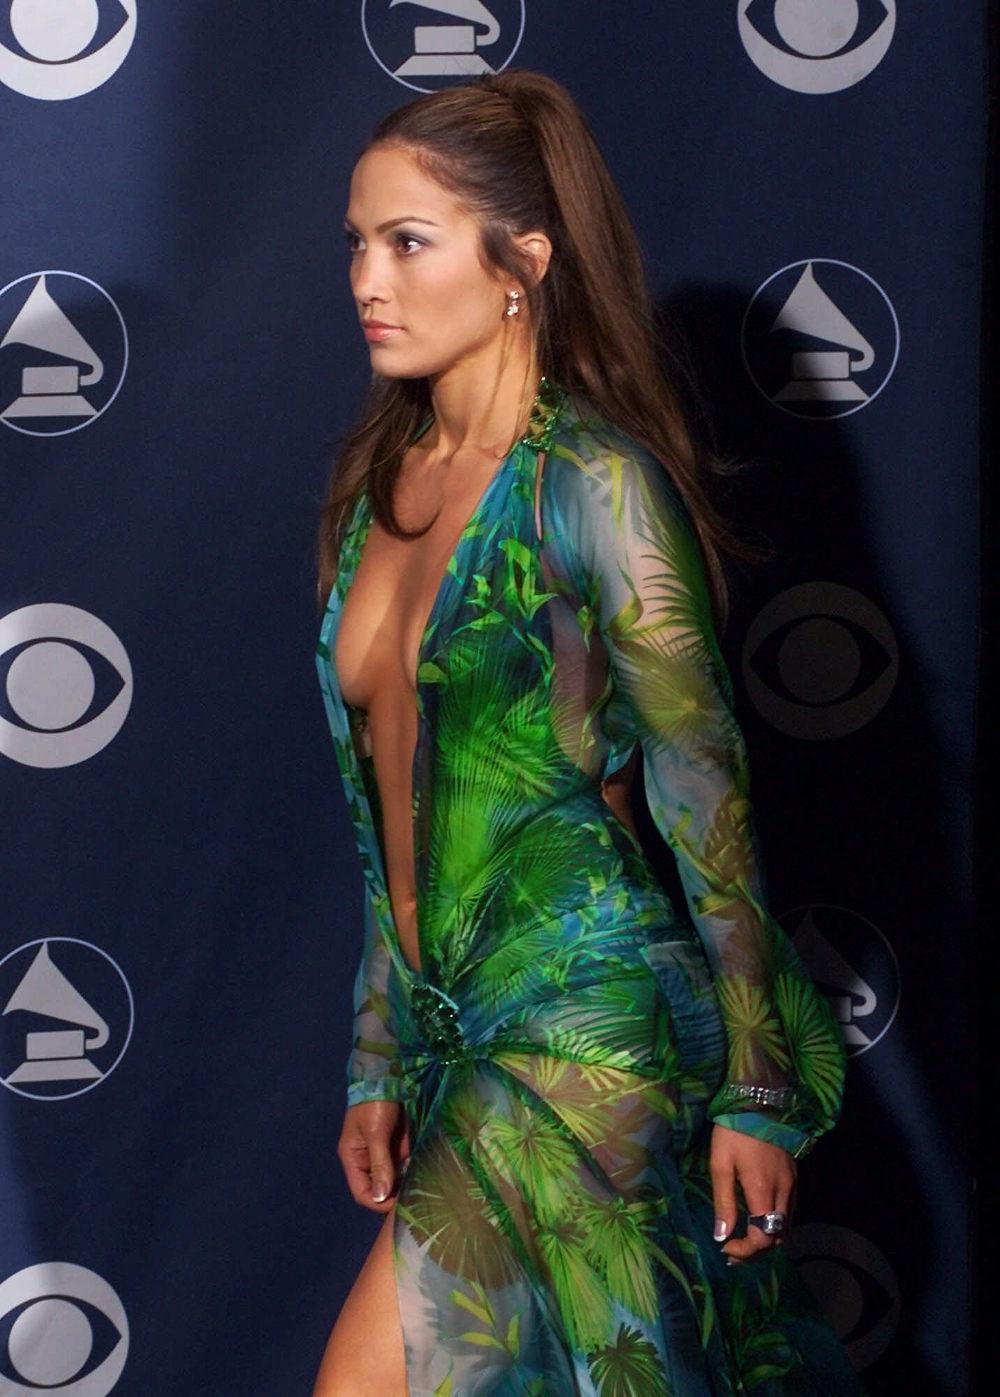 Το φόρεμα του οίκου Versace προκάλεσε πανικό στο διαδίκτυο την επομένη των βραβείων Grammy στις 23 Φεβρουαρίου 2000